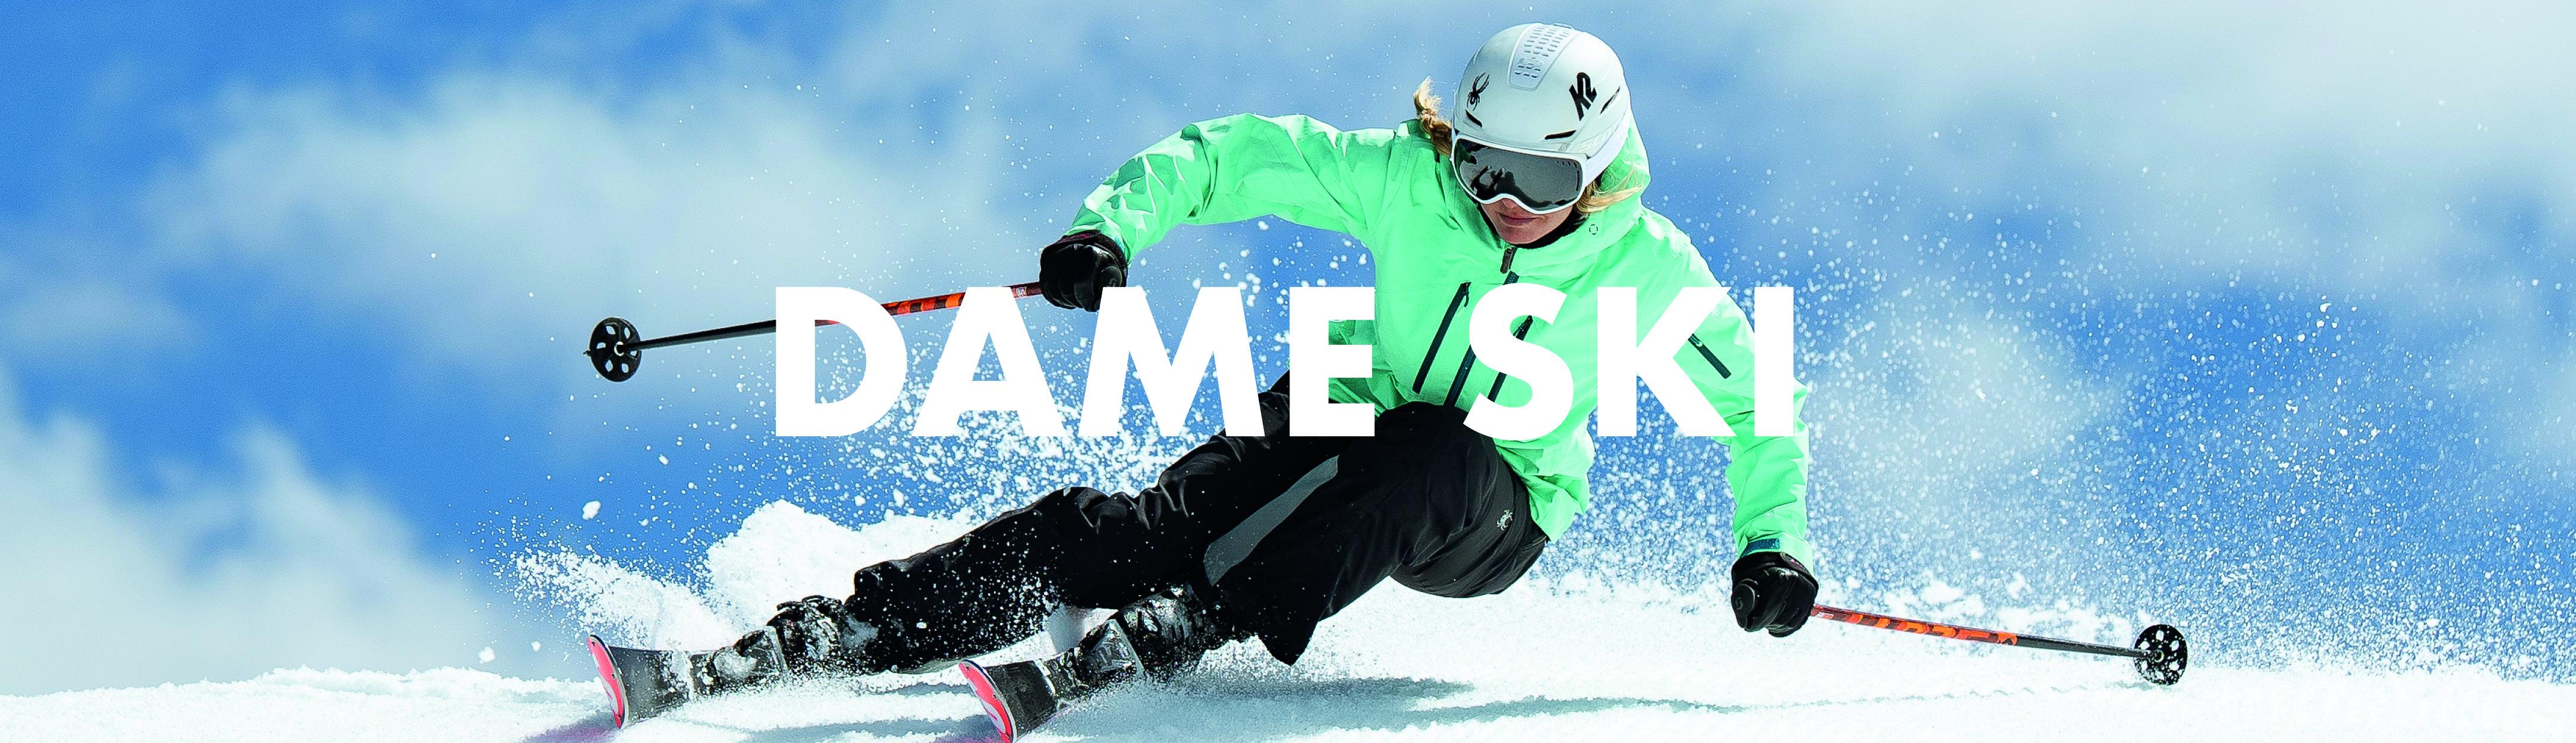 Surf og ski Horsens Dame ski